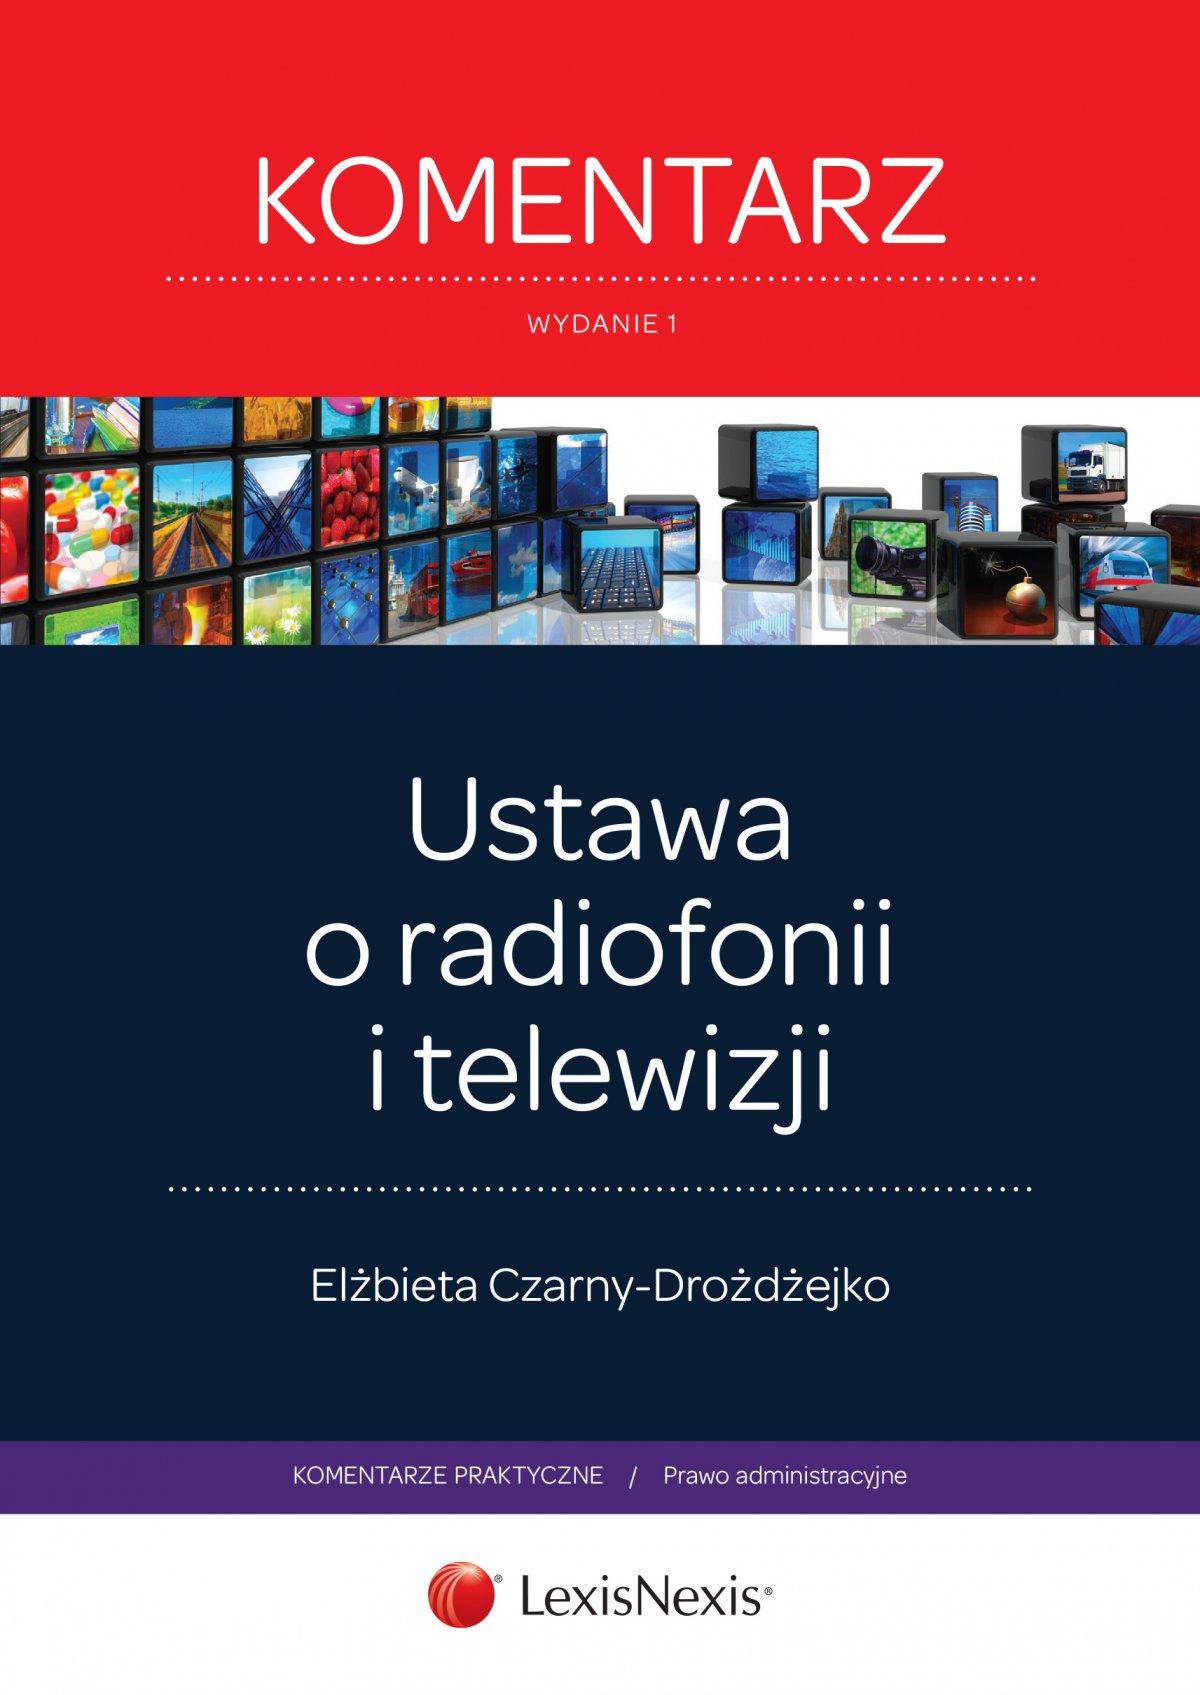 Ustawa o radiofonii  i telewizji. Komentarz. Wydanie 1 - Ebook (Książka EPUB) do pobrania w formacie EPUB